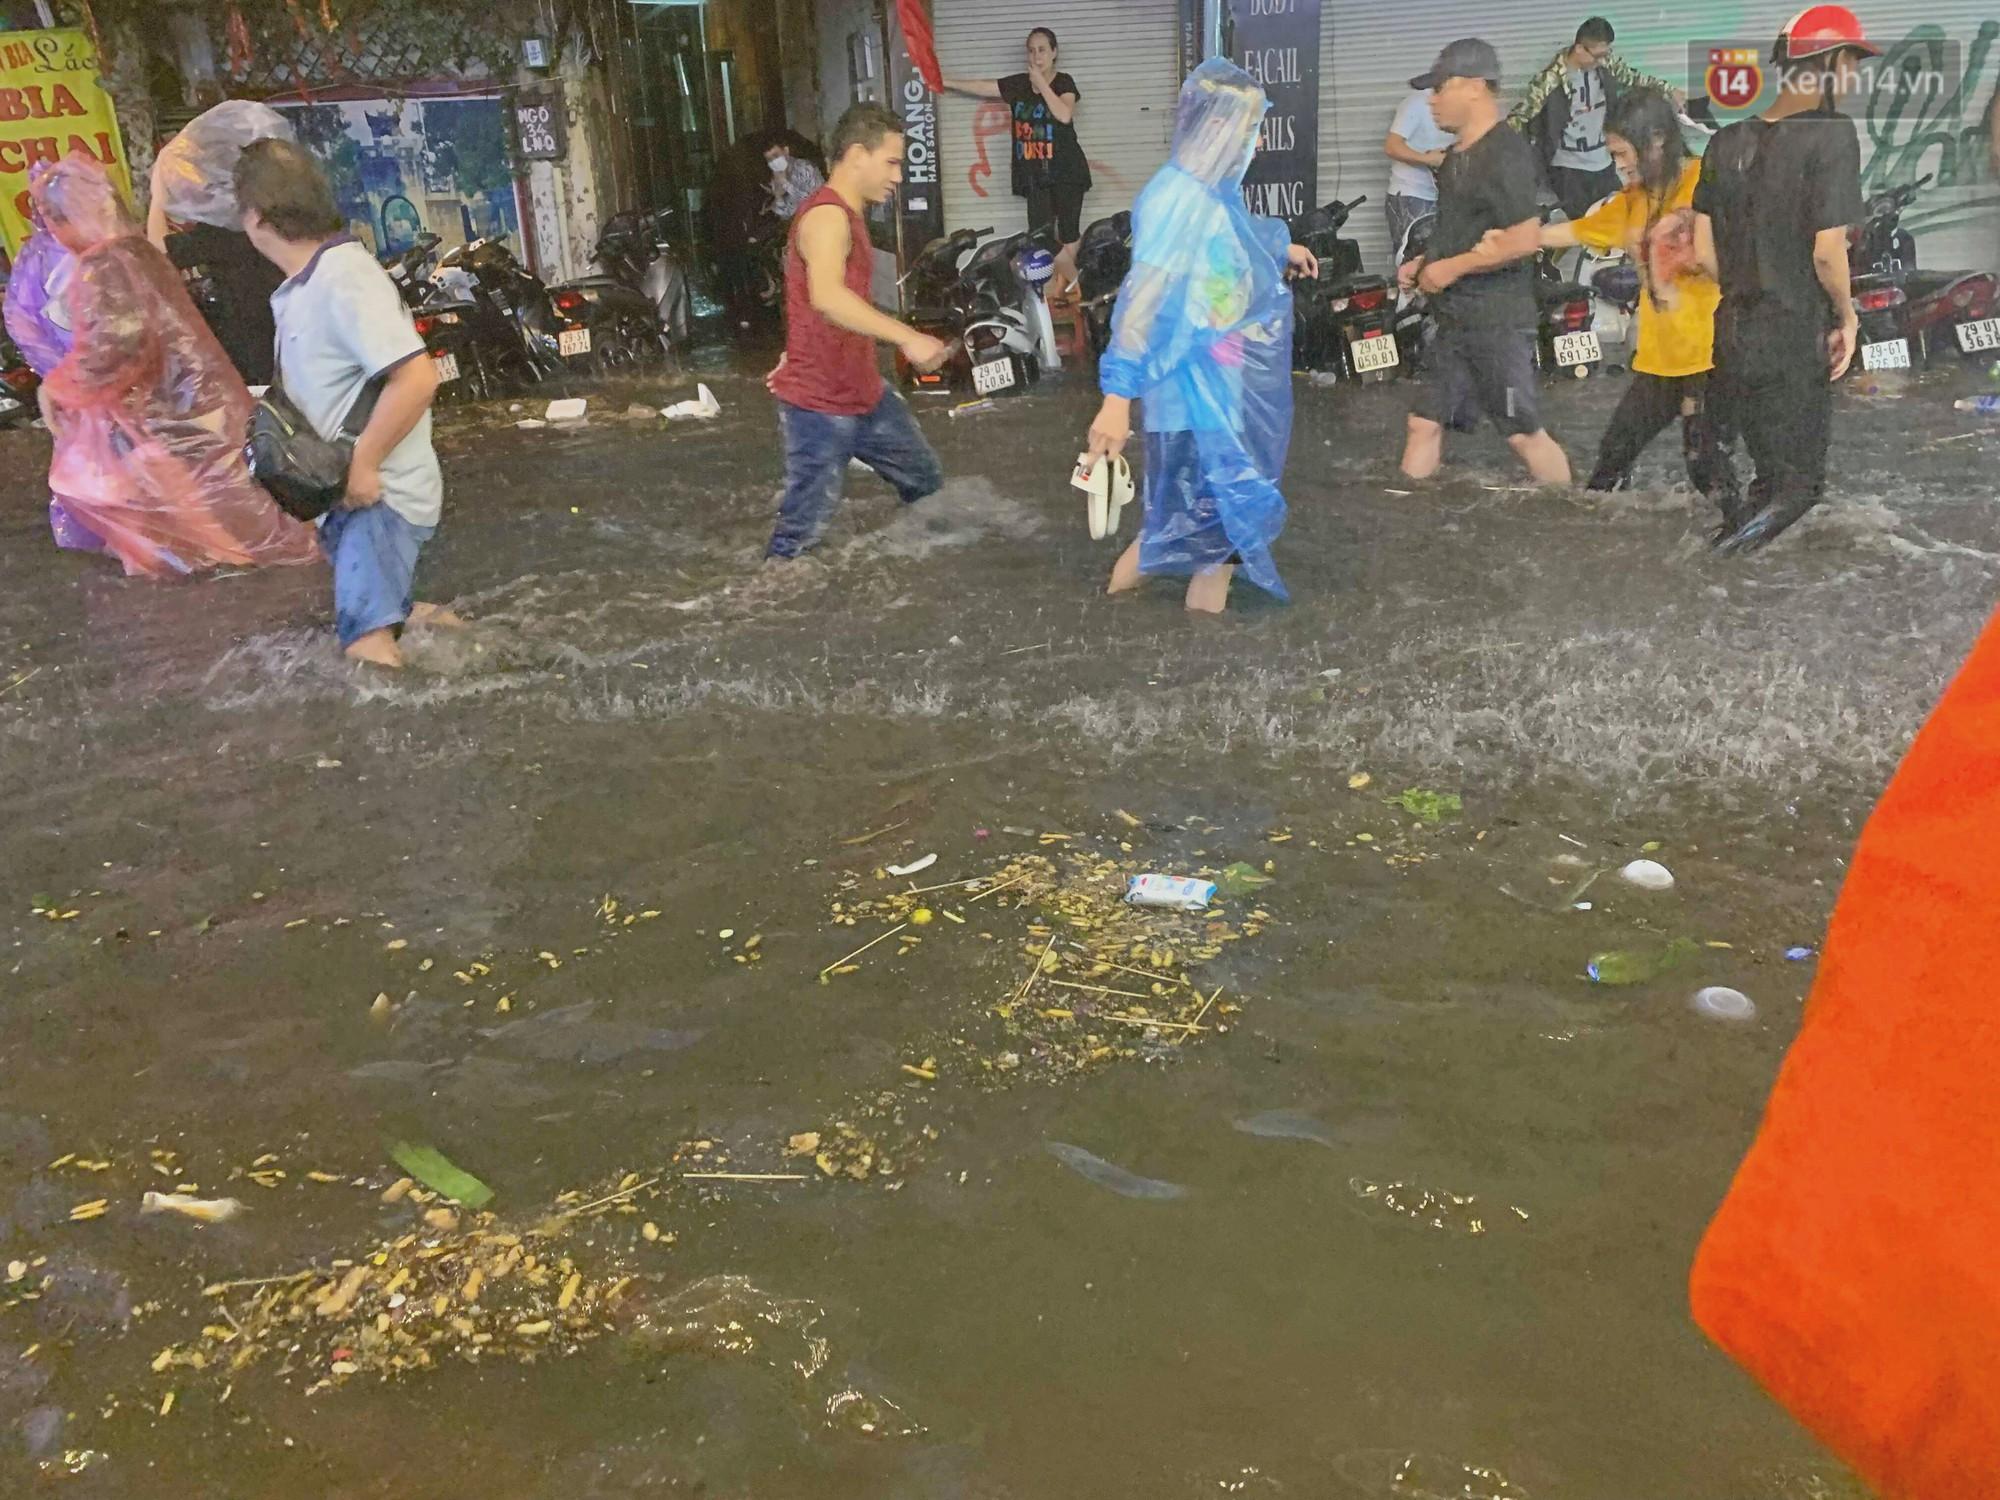 Hà Nội đón trận mưa lớn bất ngờ sau chuỗi ngày oi bức đến ngộp thở, một số tuyến đường bắt đầu ngập úng - Ảnh 7.